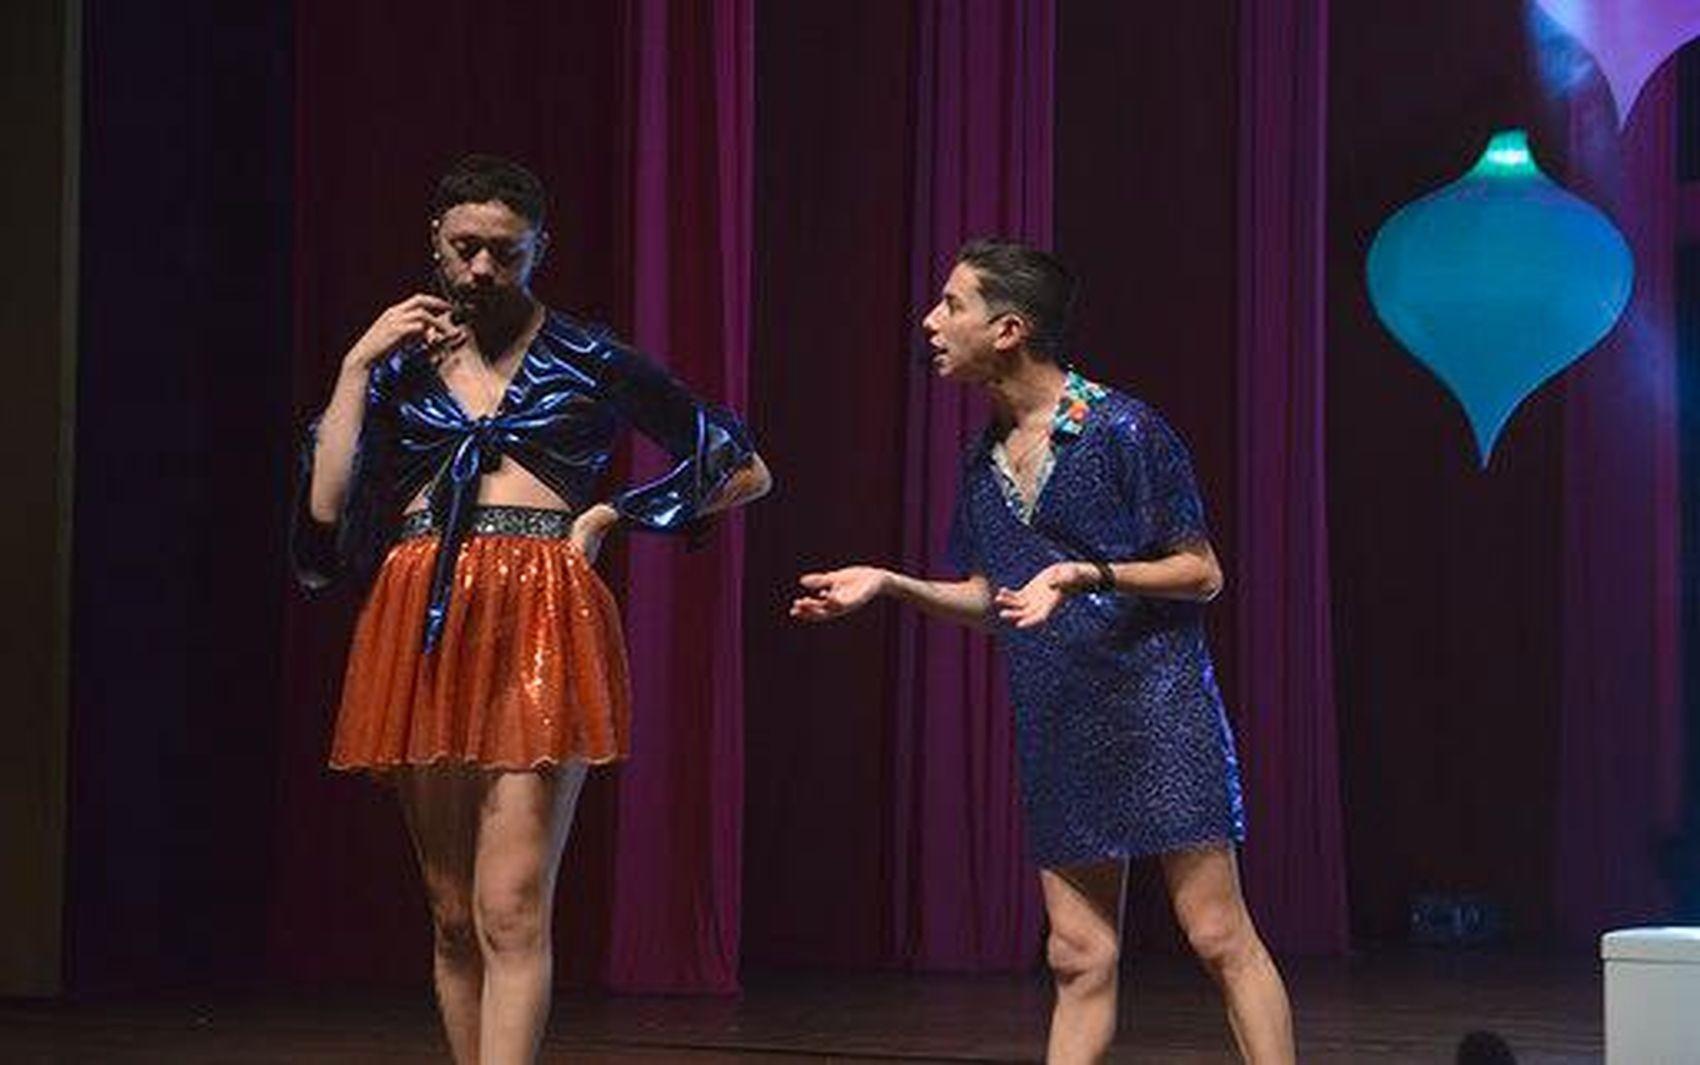 Humoristas Rico Melquiades e Davi Mateus se apresentam nesta quinta-feira em Aracaju - Notícias - Plantão Diário